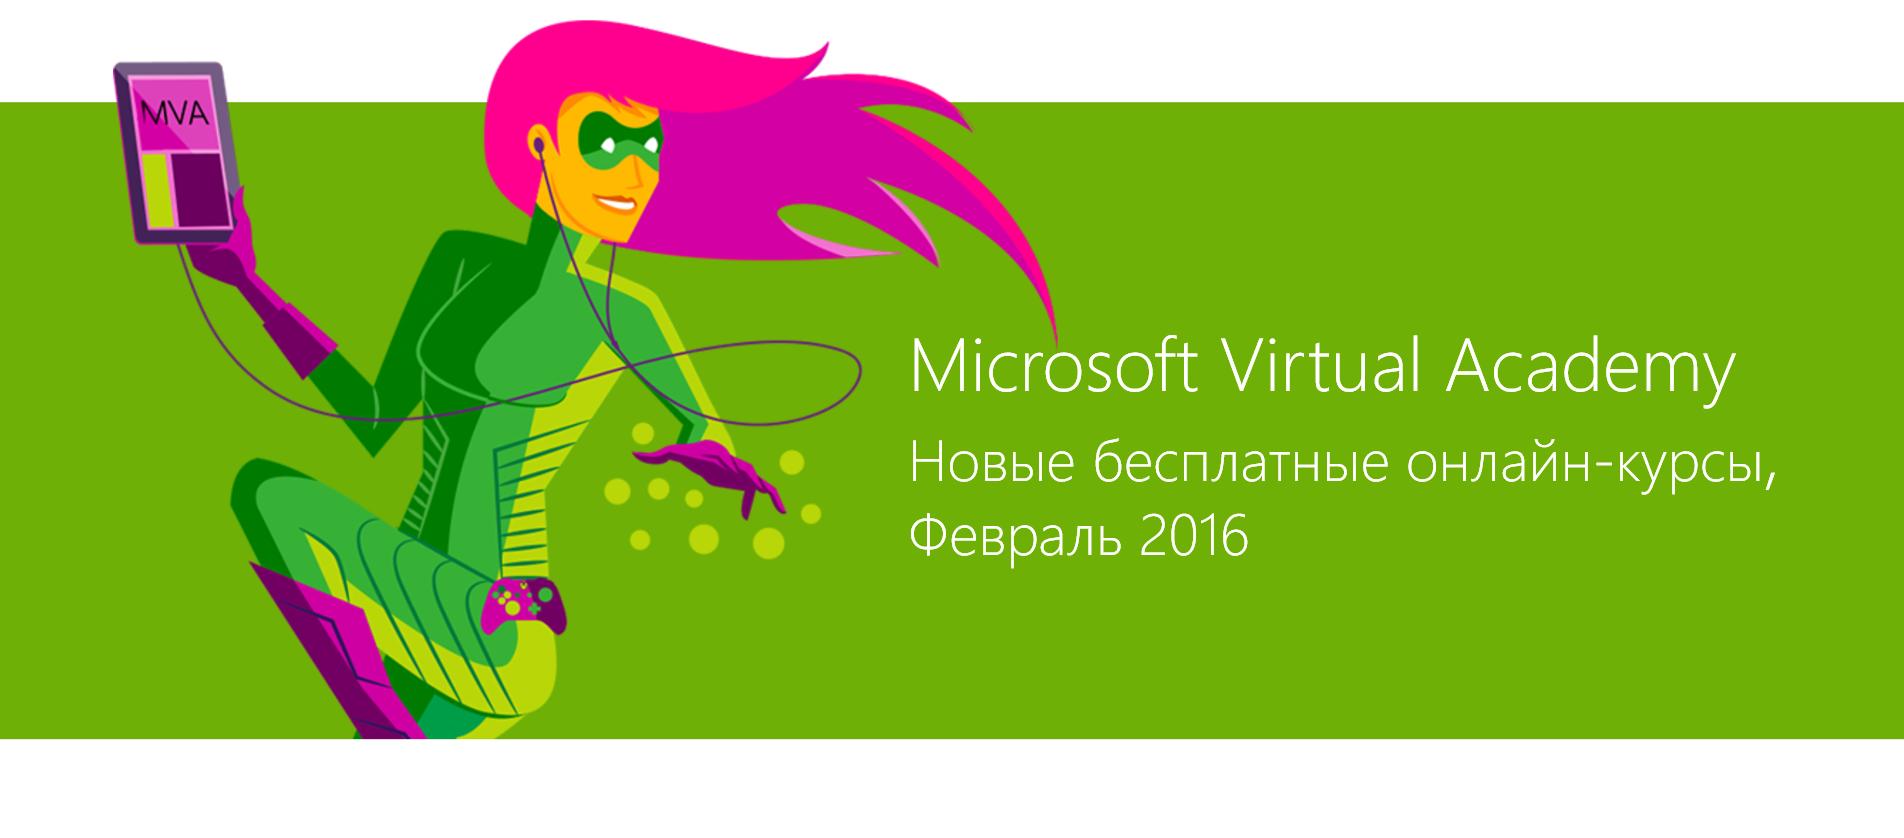 Новые бесплатные курсы виртуальной академии Microsoft Virtual Academy, февраль 2016 - 1